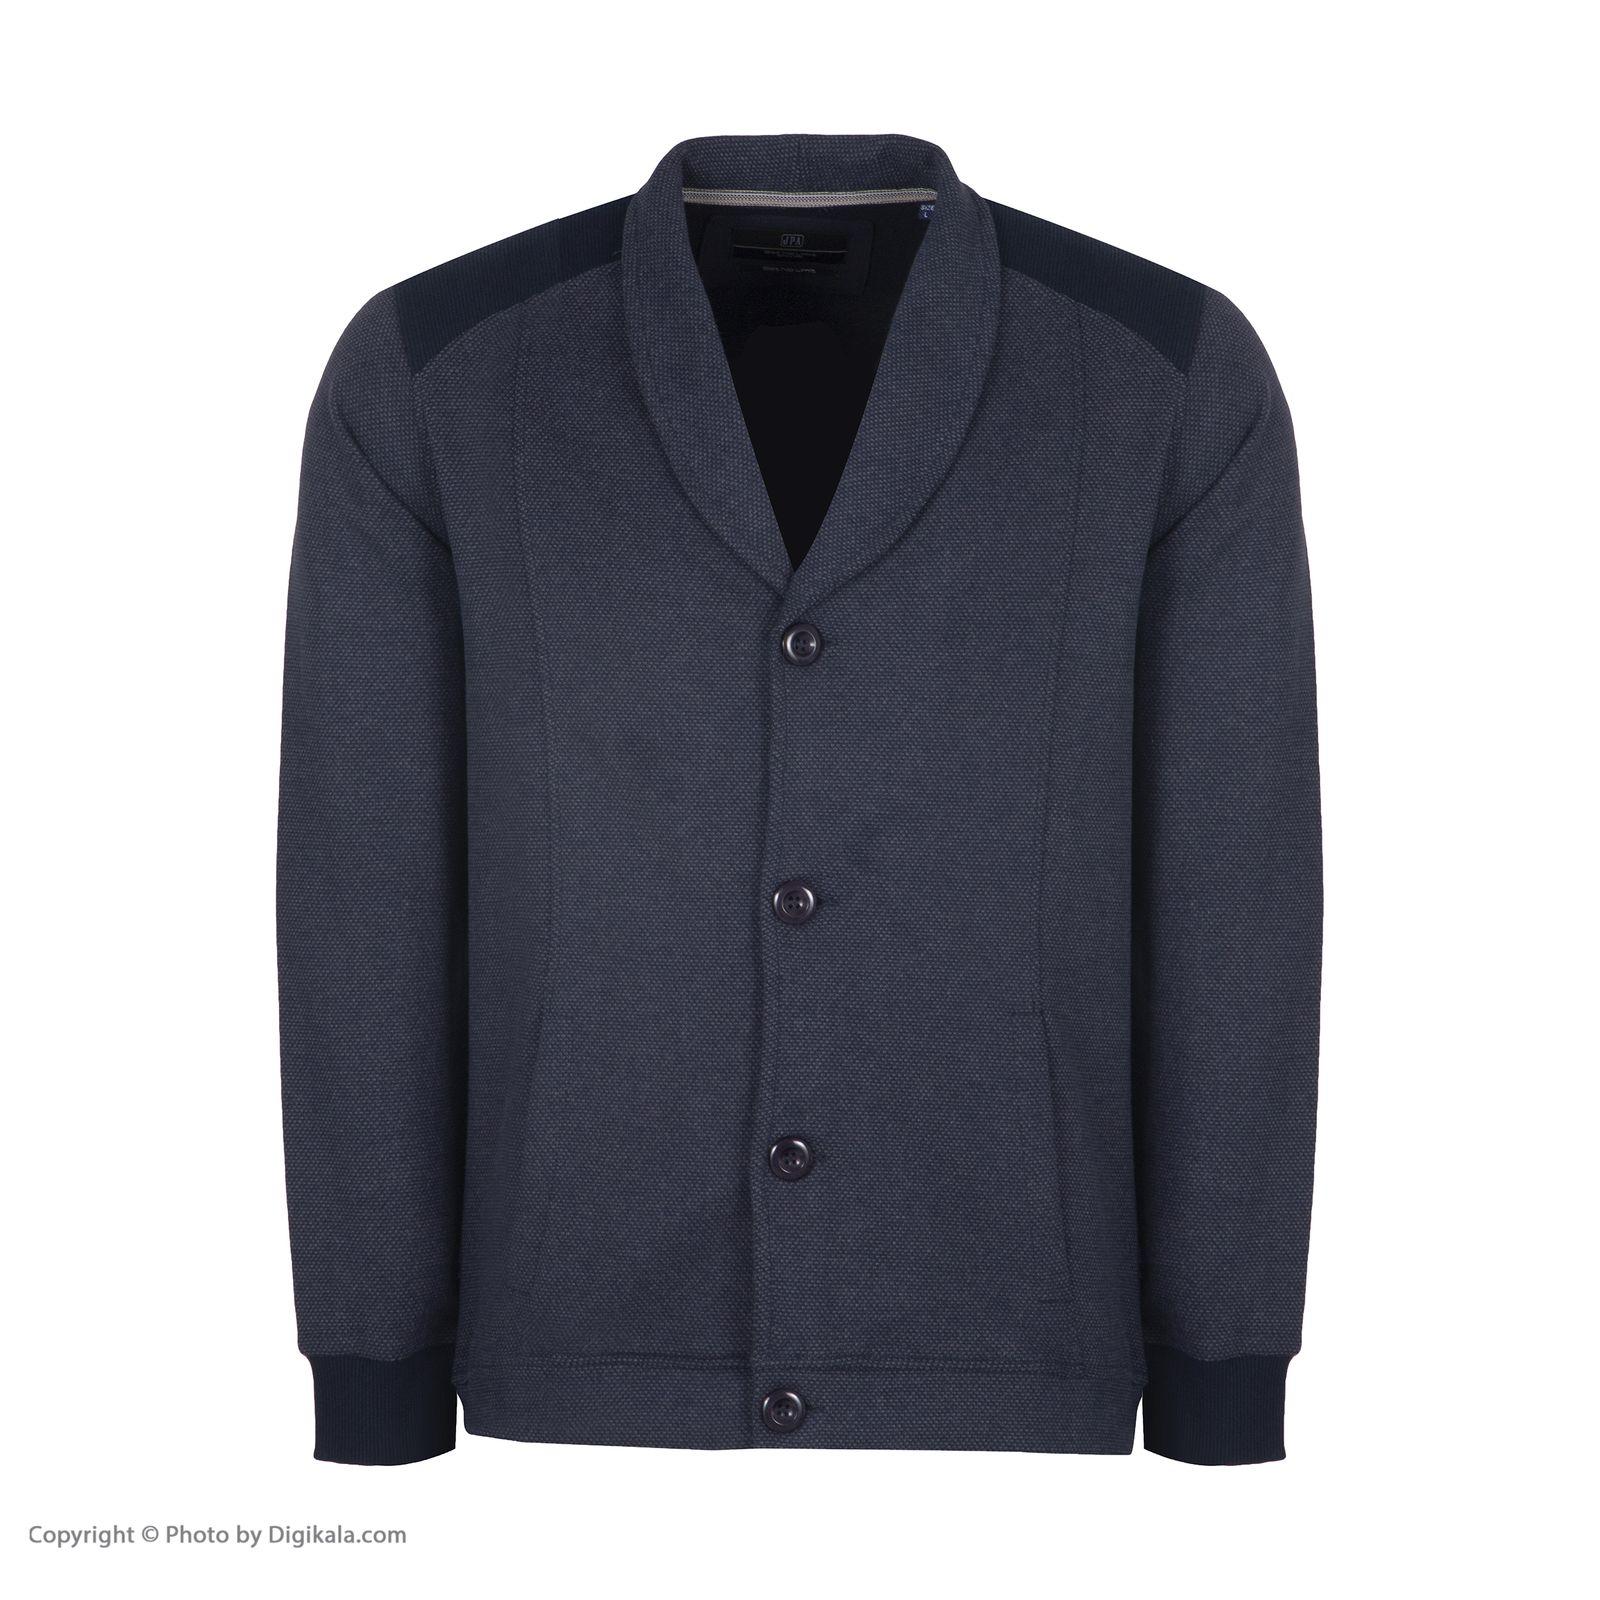 تصویر ژاکت مردانه جامه پوش آرا مدل 4581178152-58